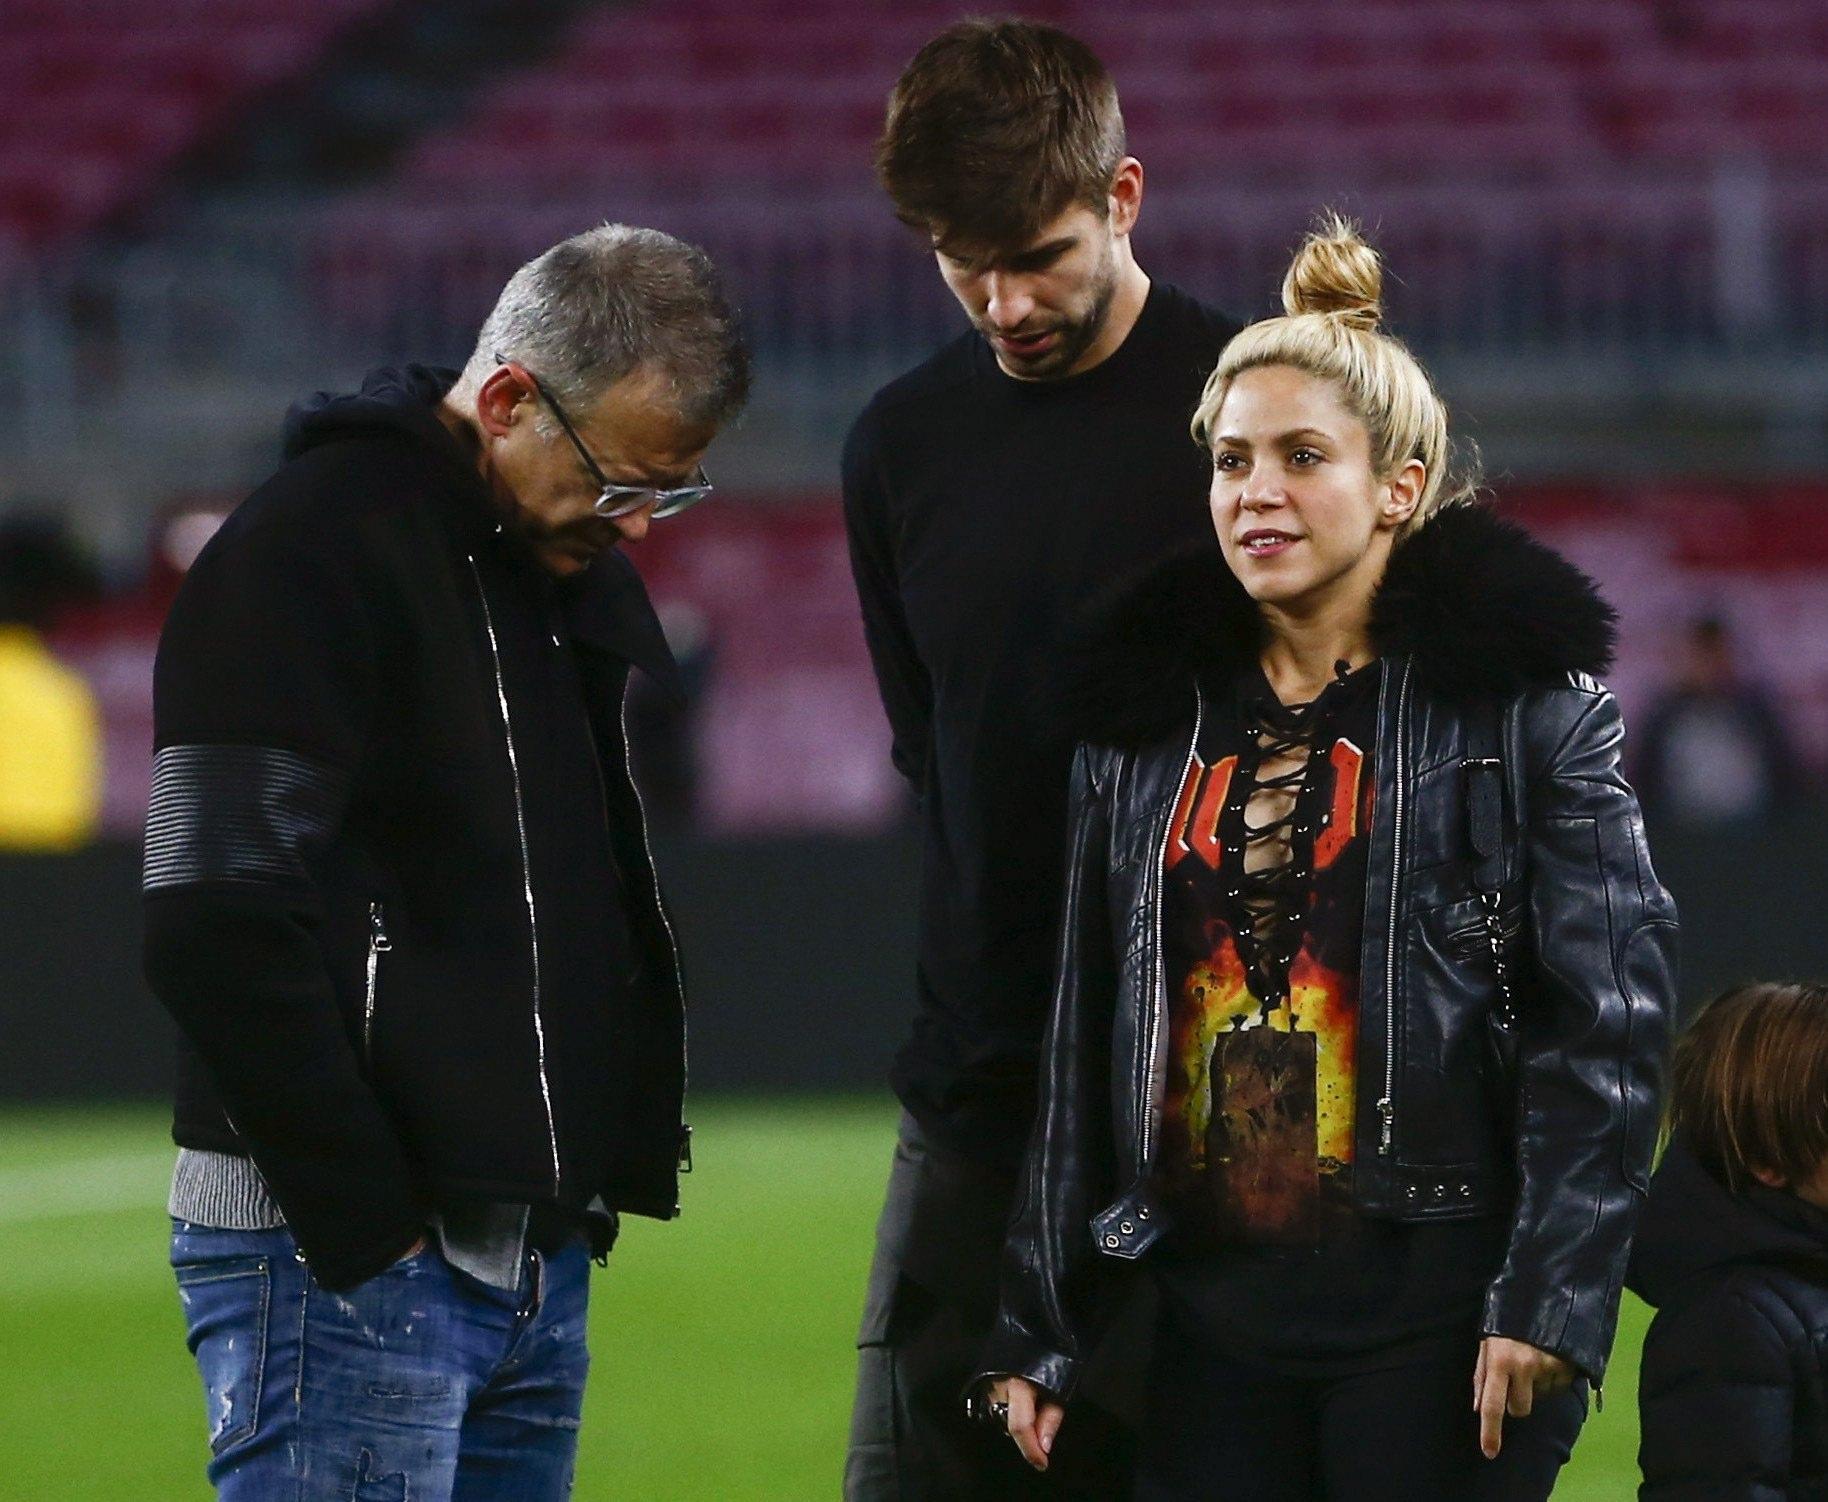 Piqué e Shakira sono in crisi? Il calciatore smentisce con uno scatto familiare